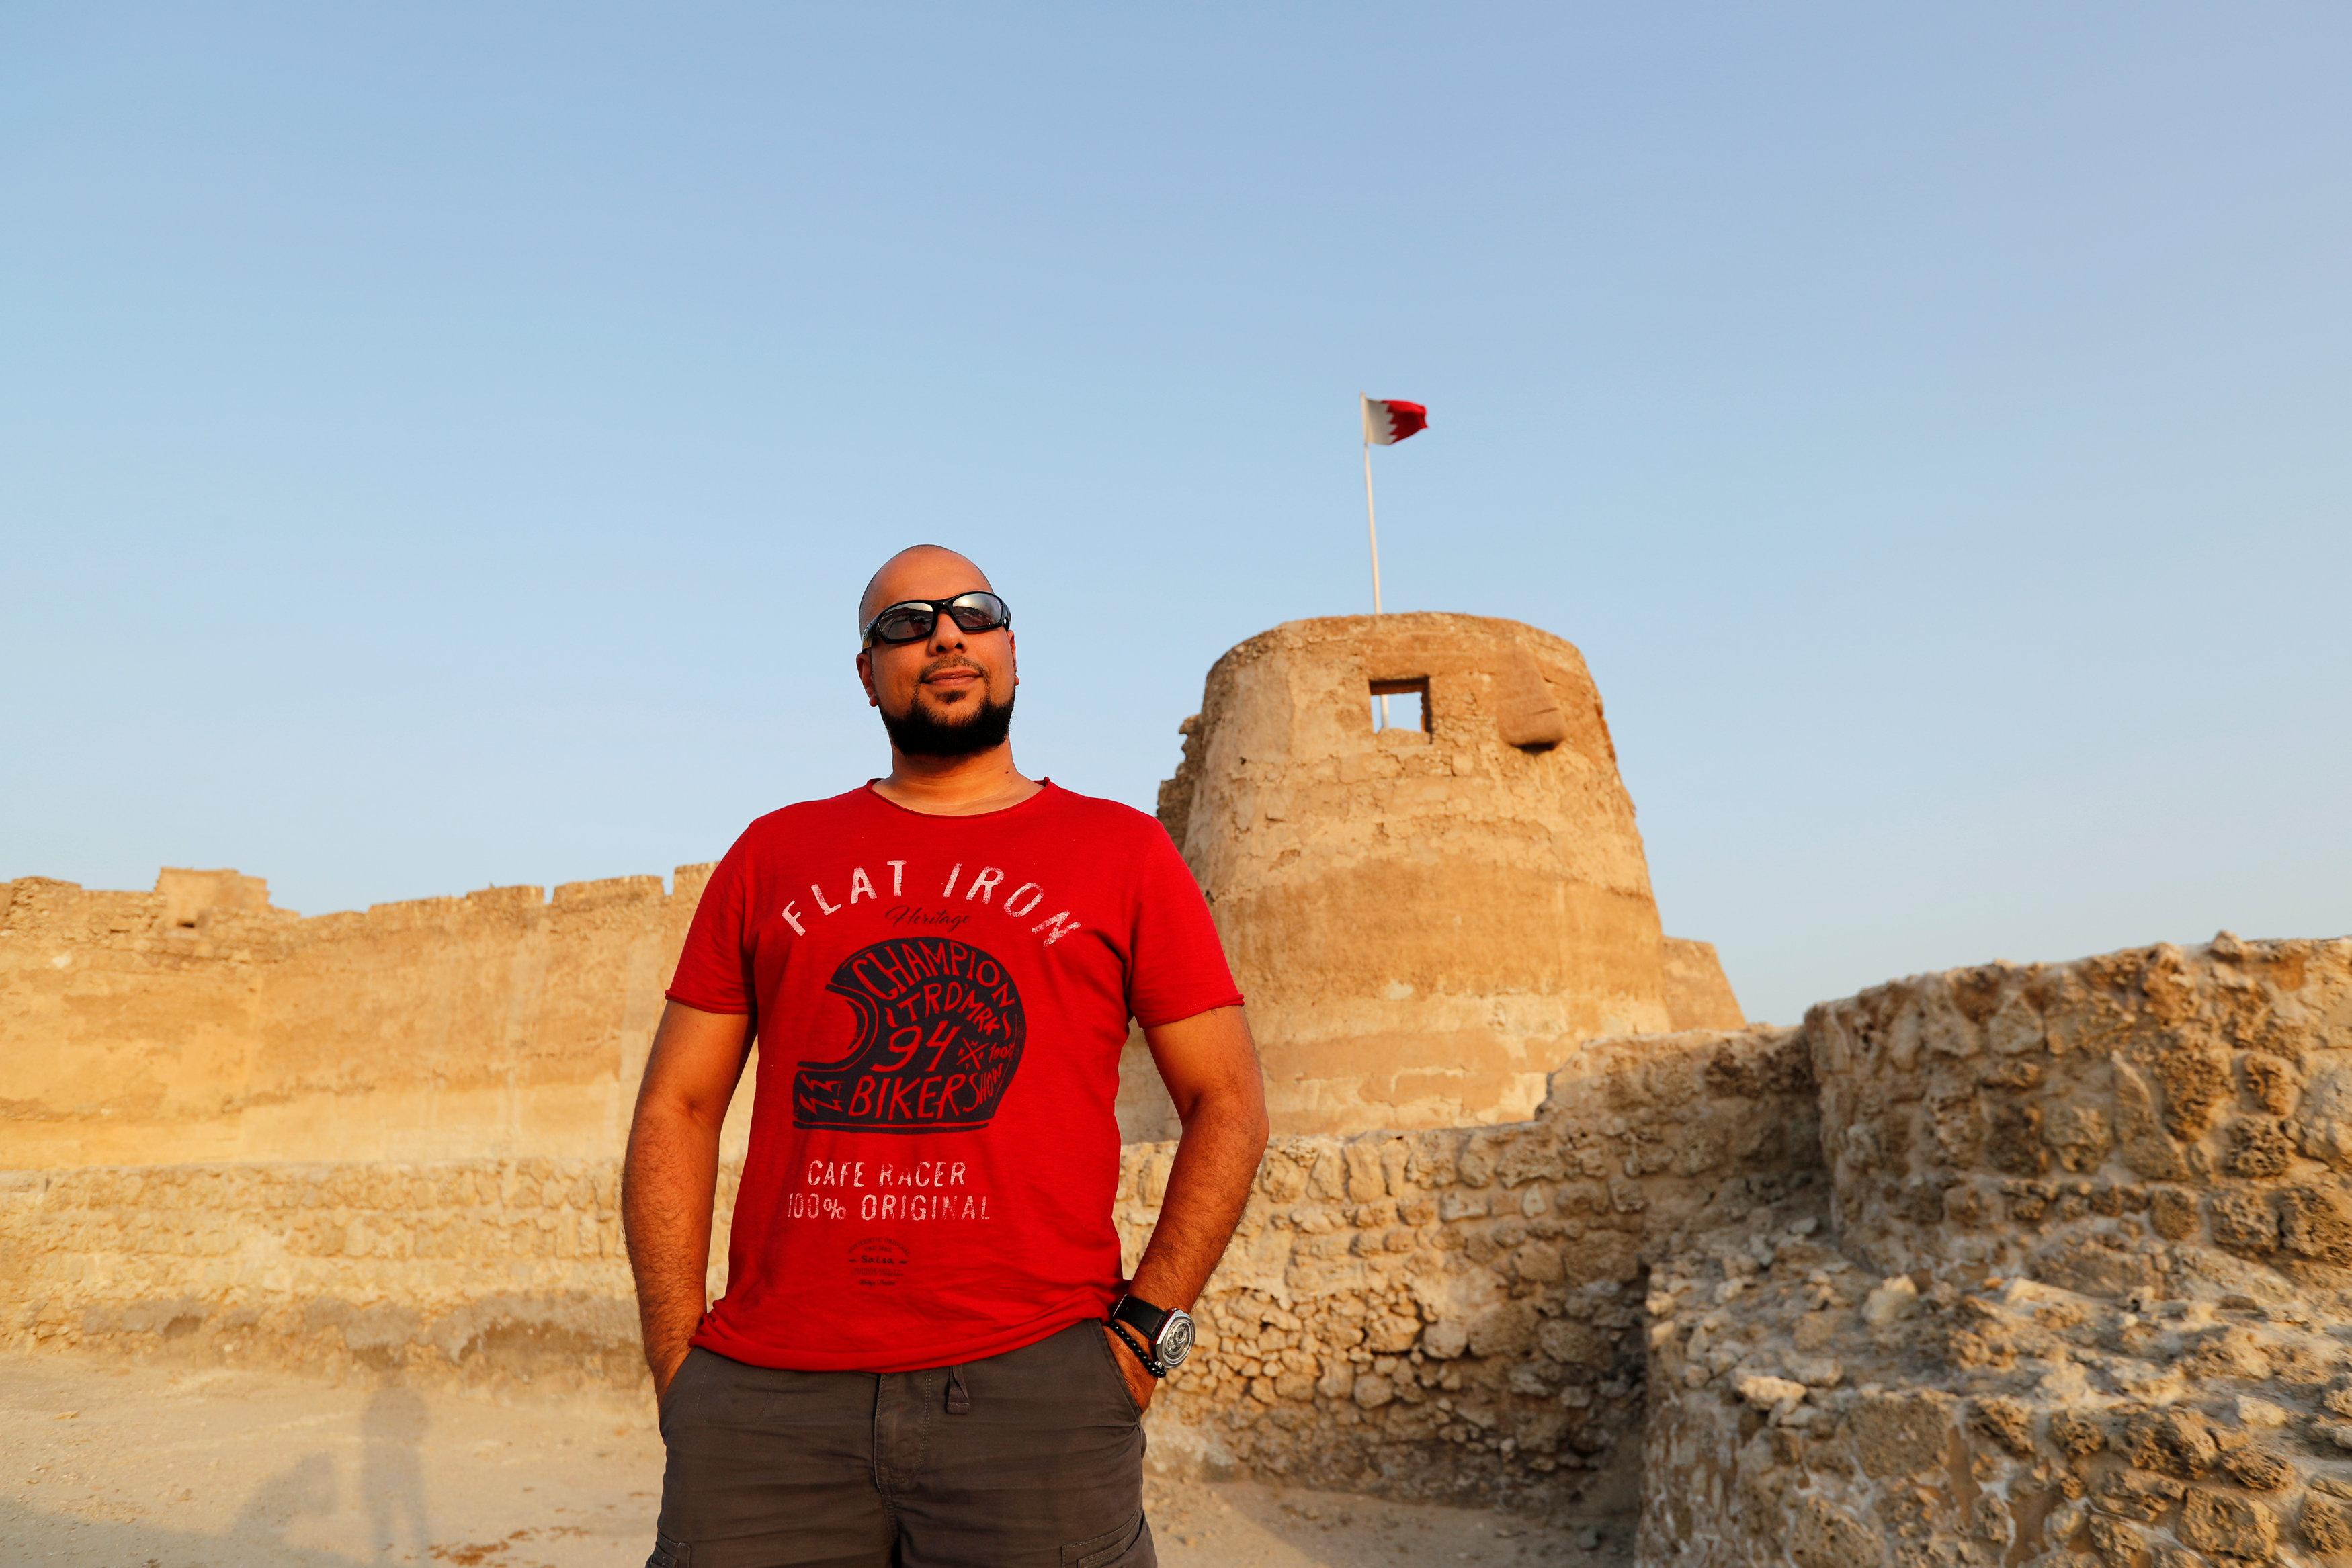 محمد عتيق - البحرين